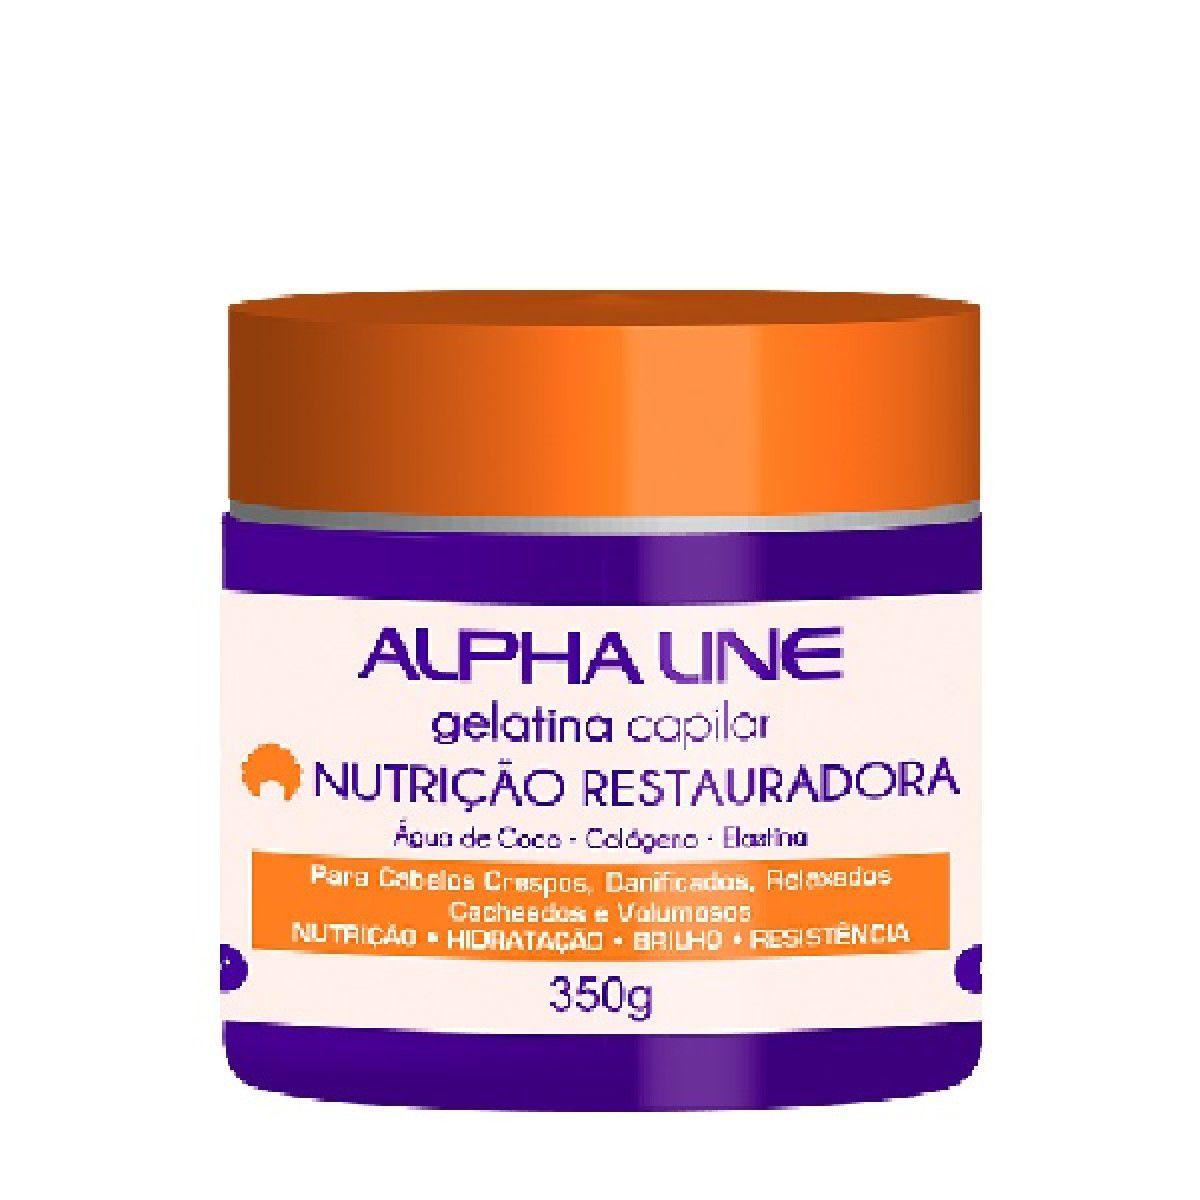 Manteiga Capilar Nutrição Restauradora 350g - Alpha Line